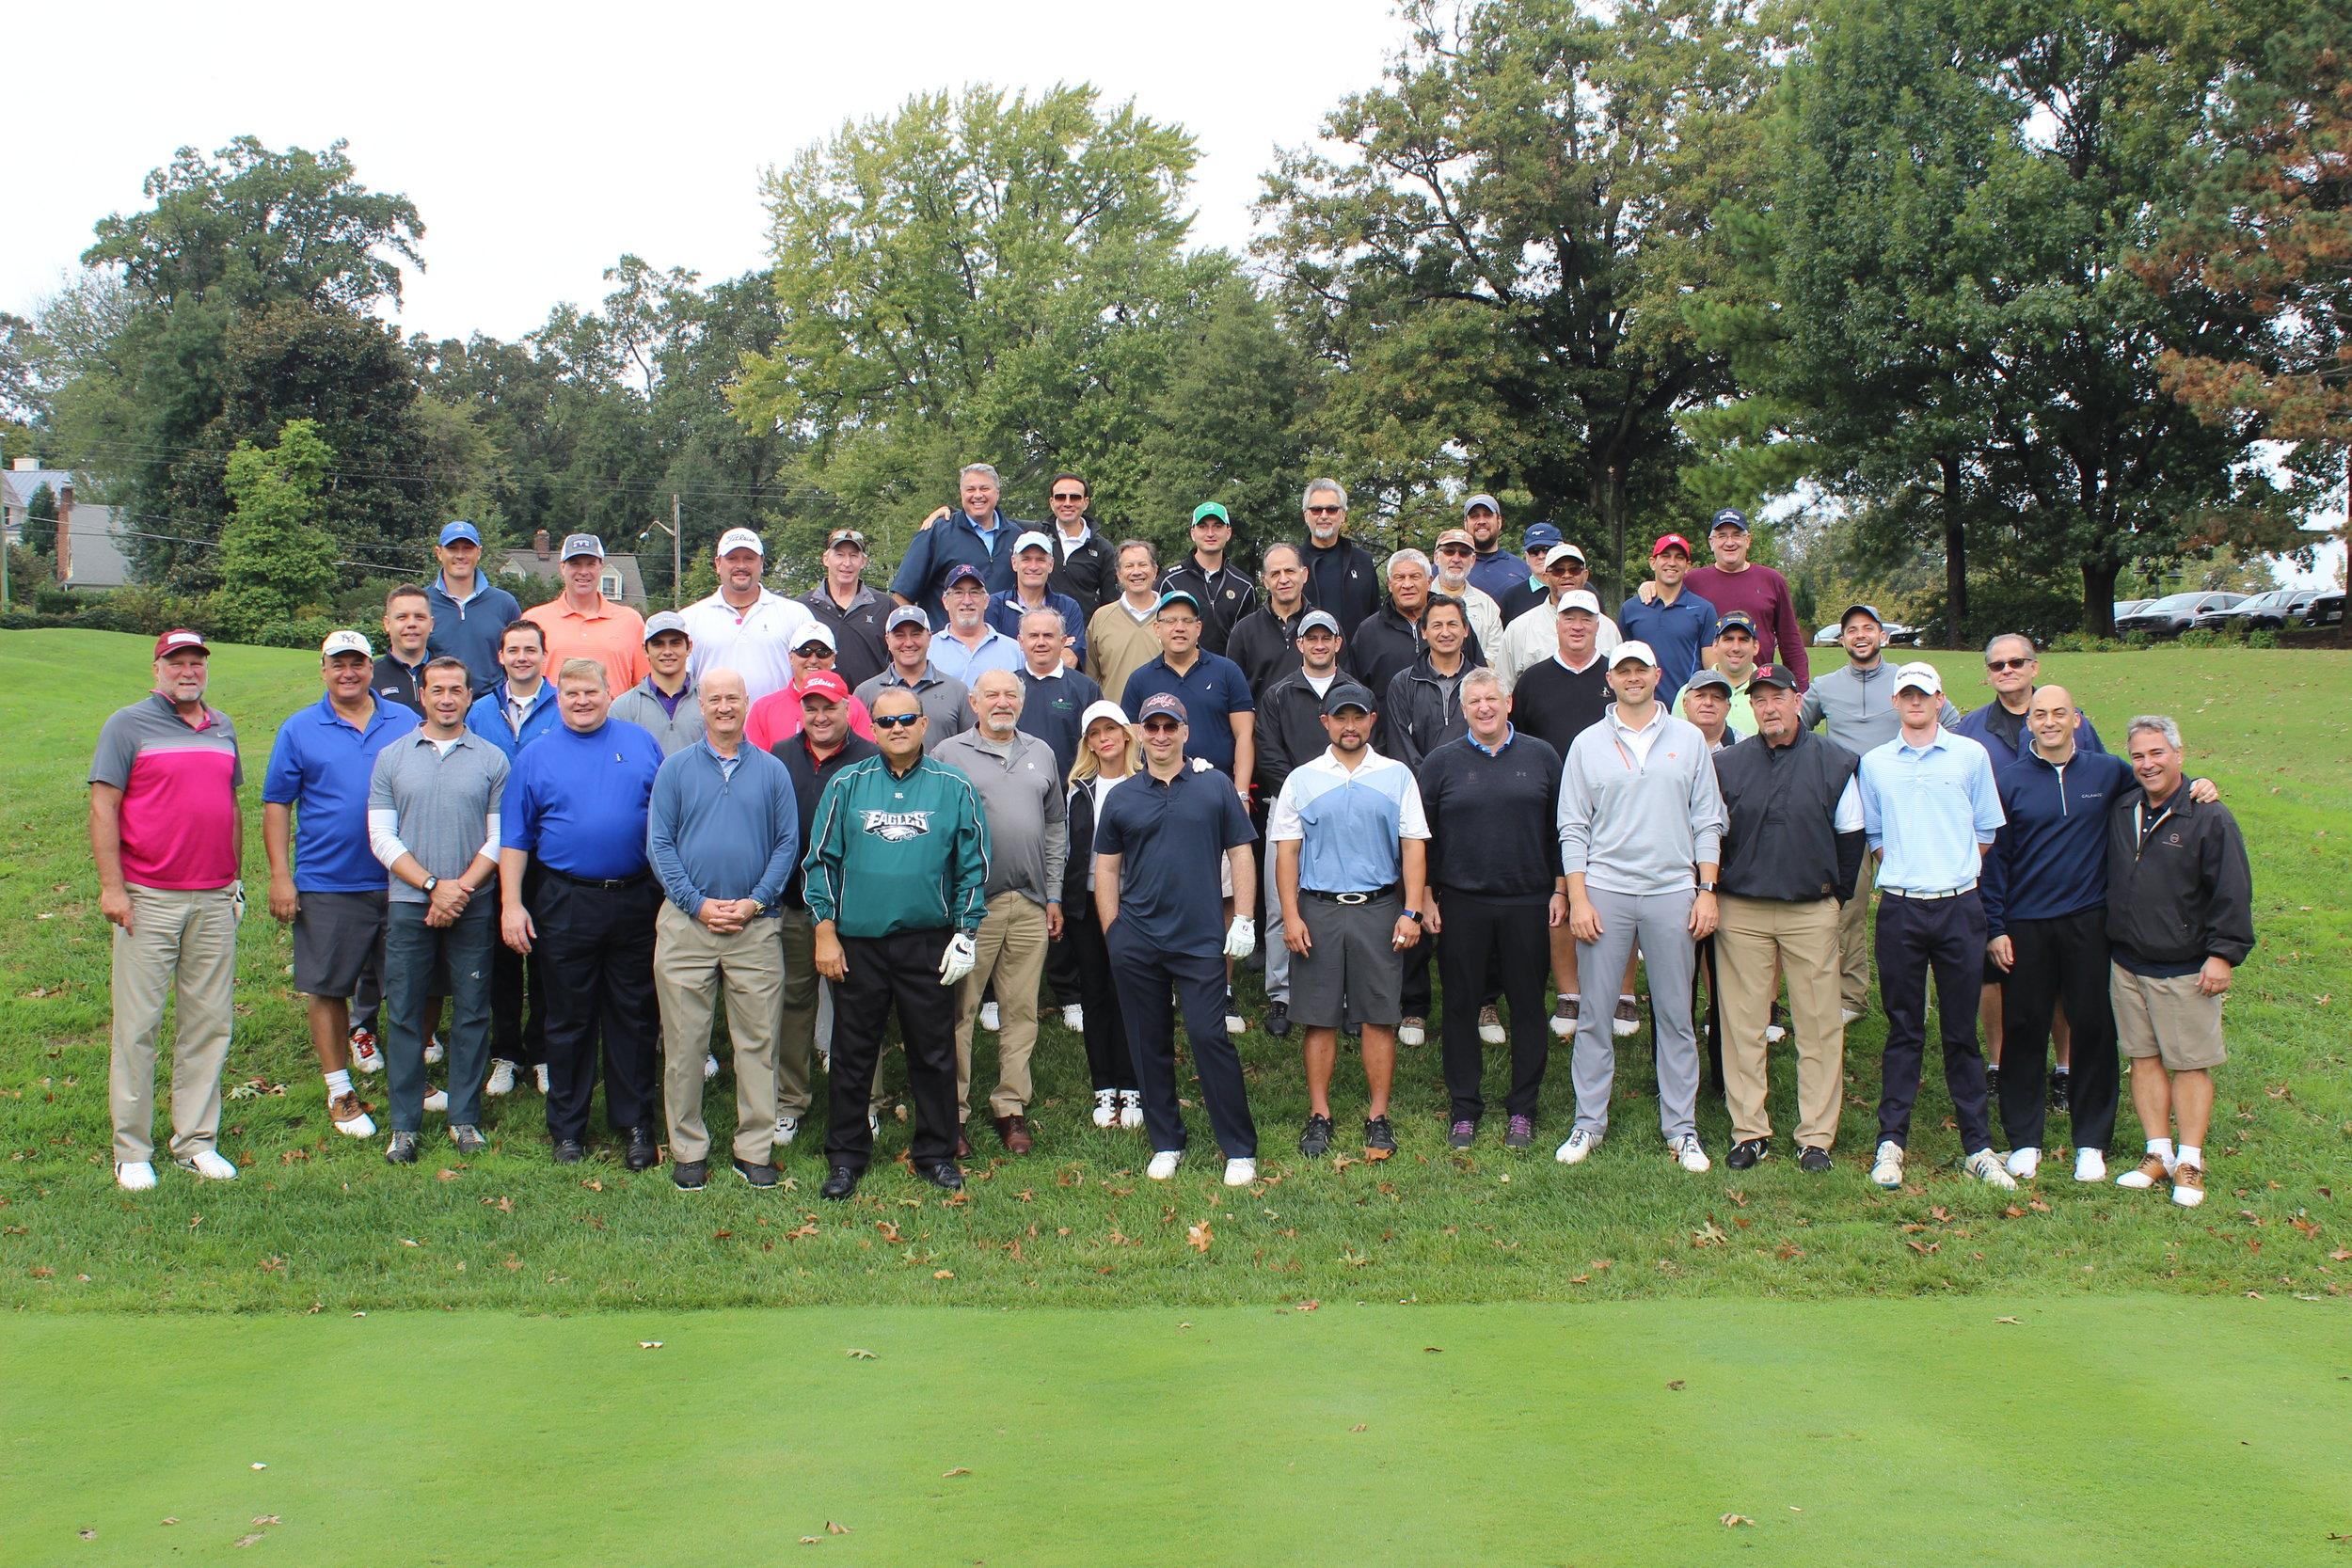 AHI 15th Annual Golf Classic participants.